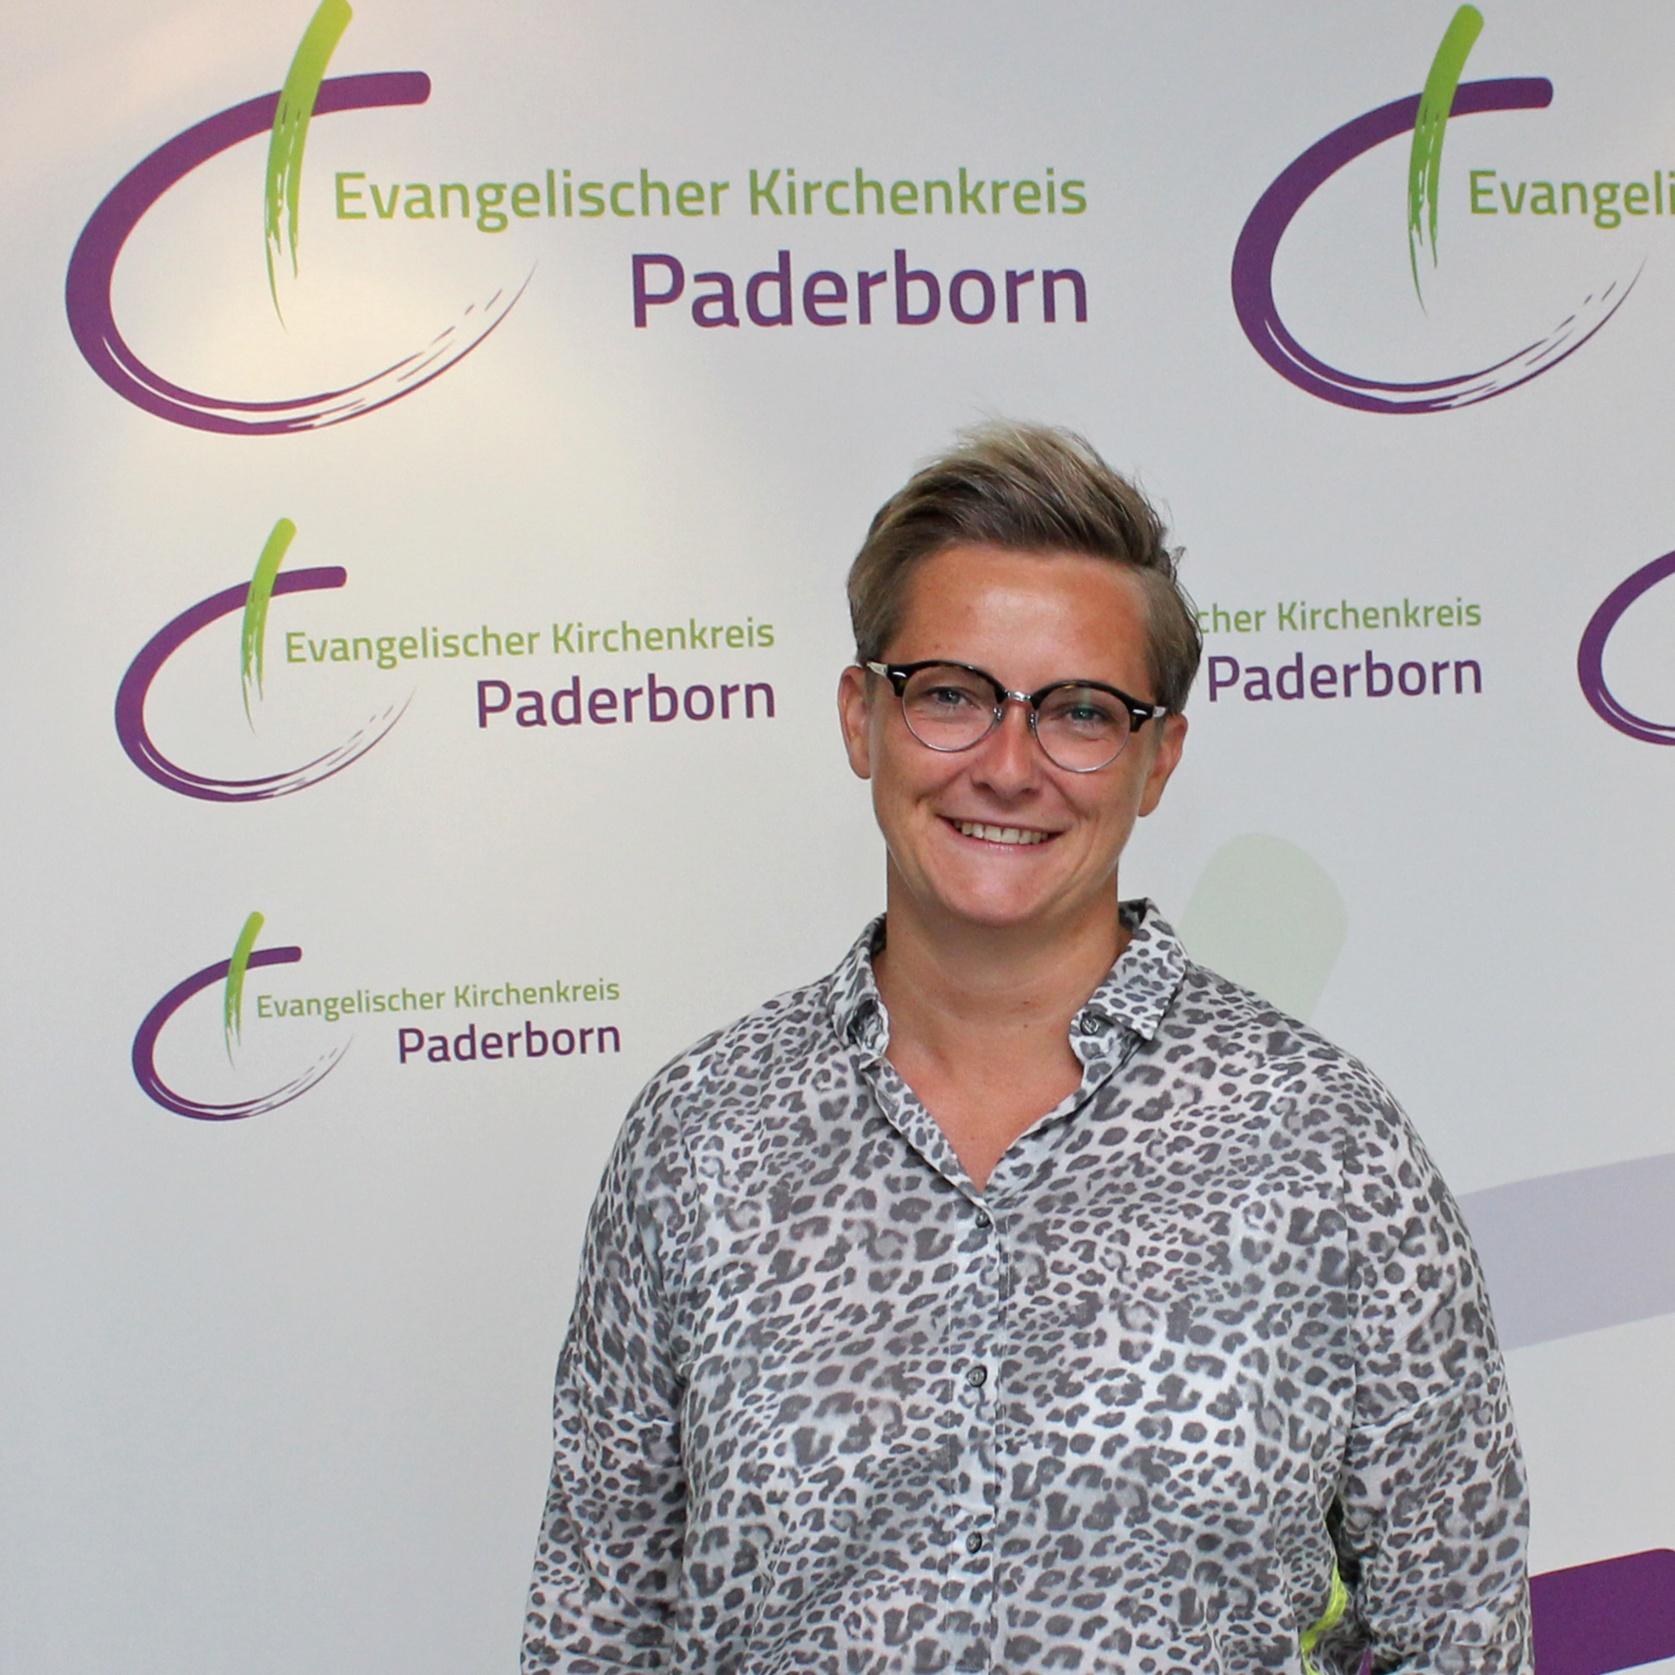 Vorgestellt: Rena Sokolski, Fachberaterin für Kindertageseinrichtungen Das evangelische Profil weiterentwickeln